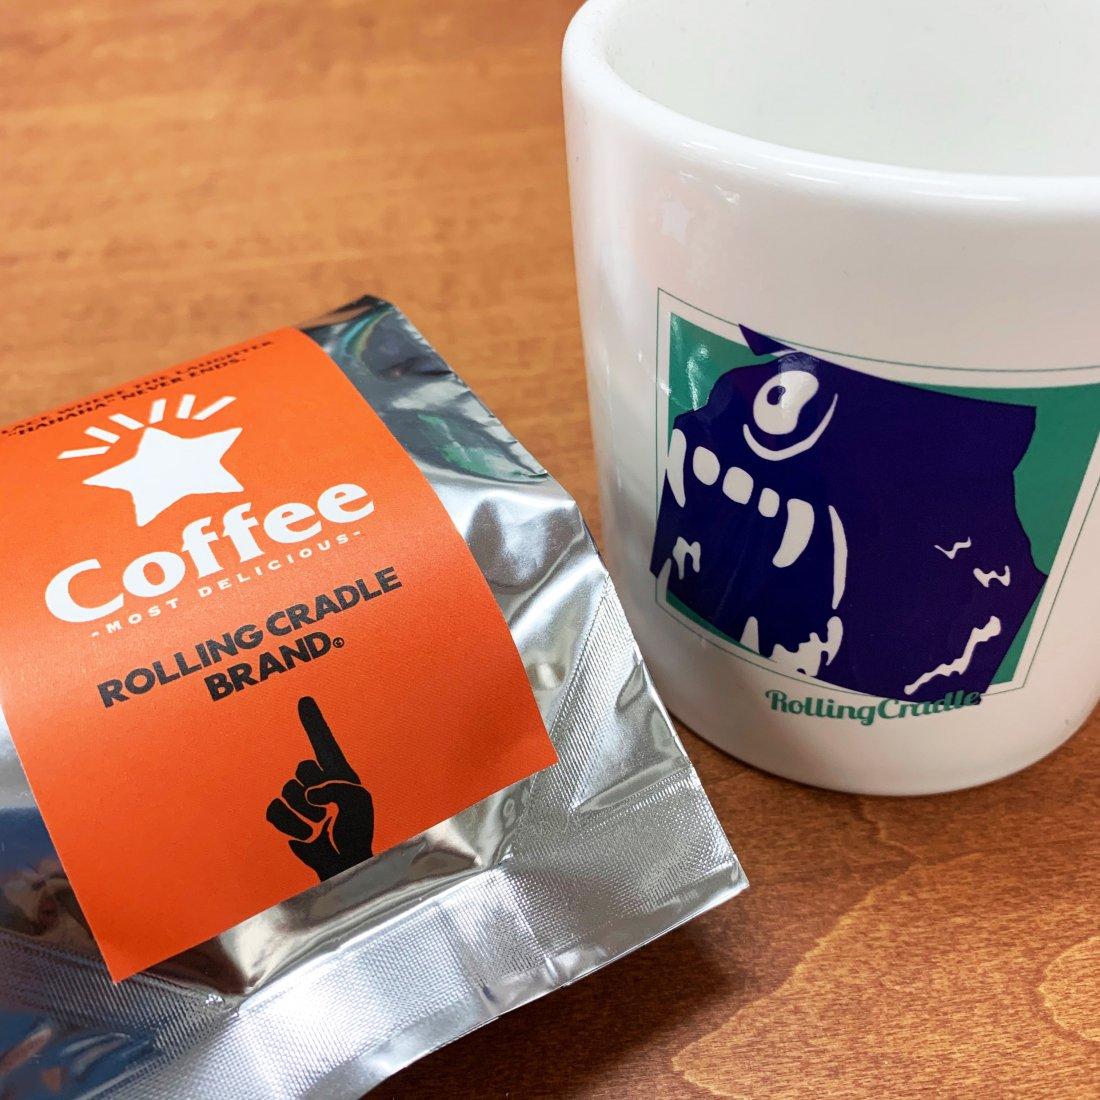 ハハハコーヒー・オリジナルブレンド